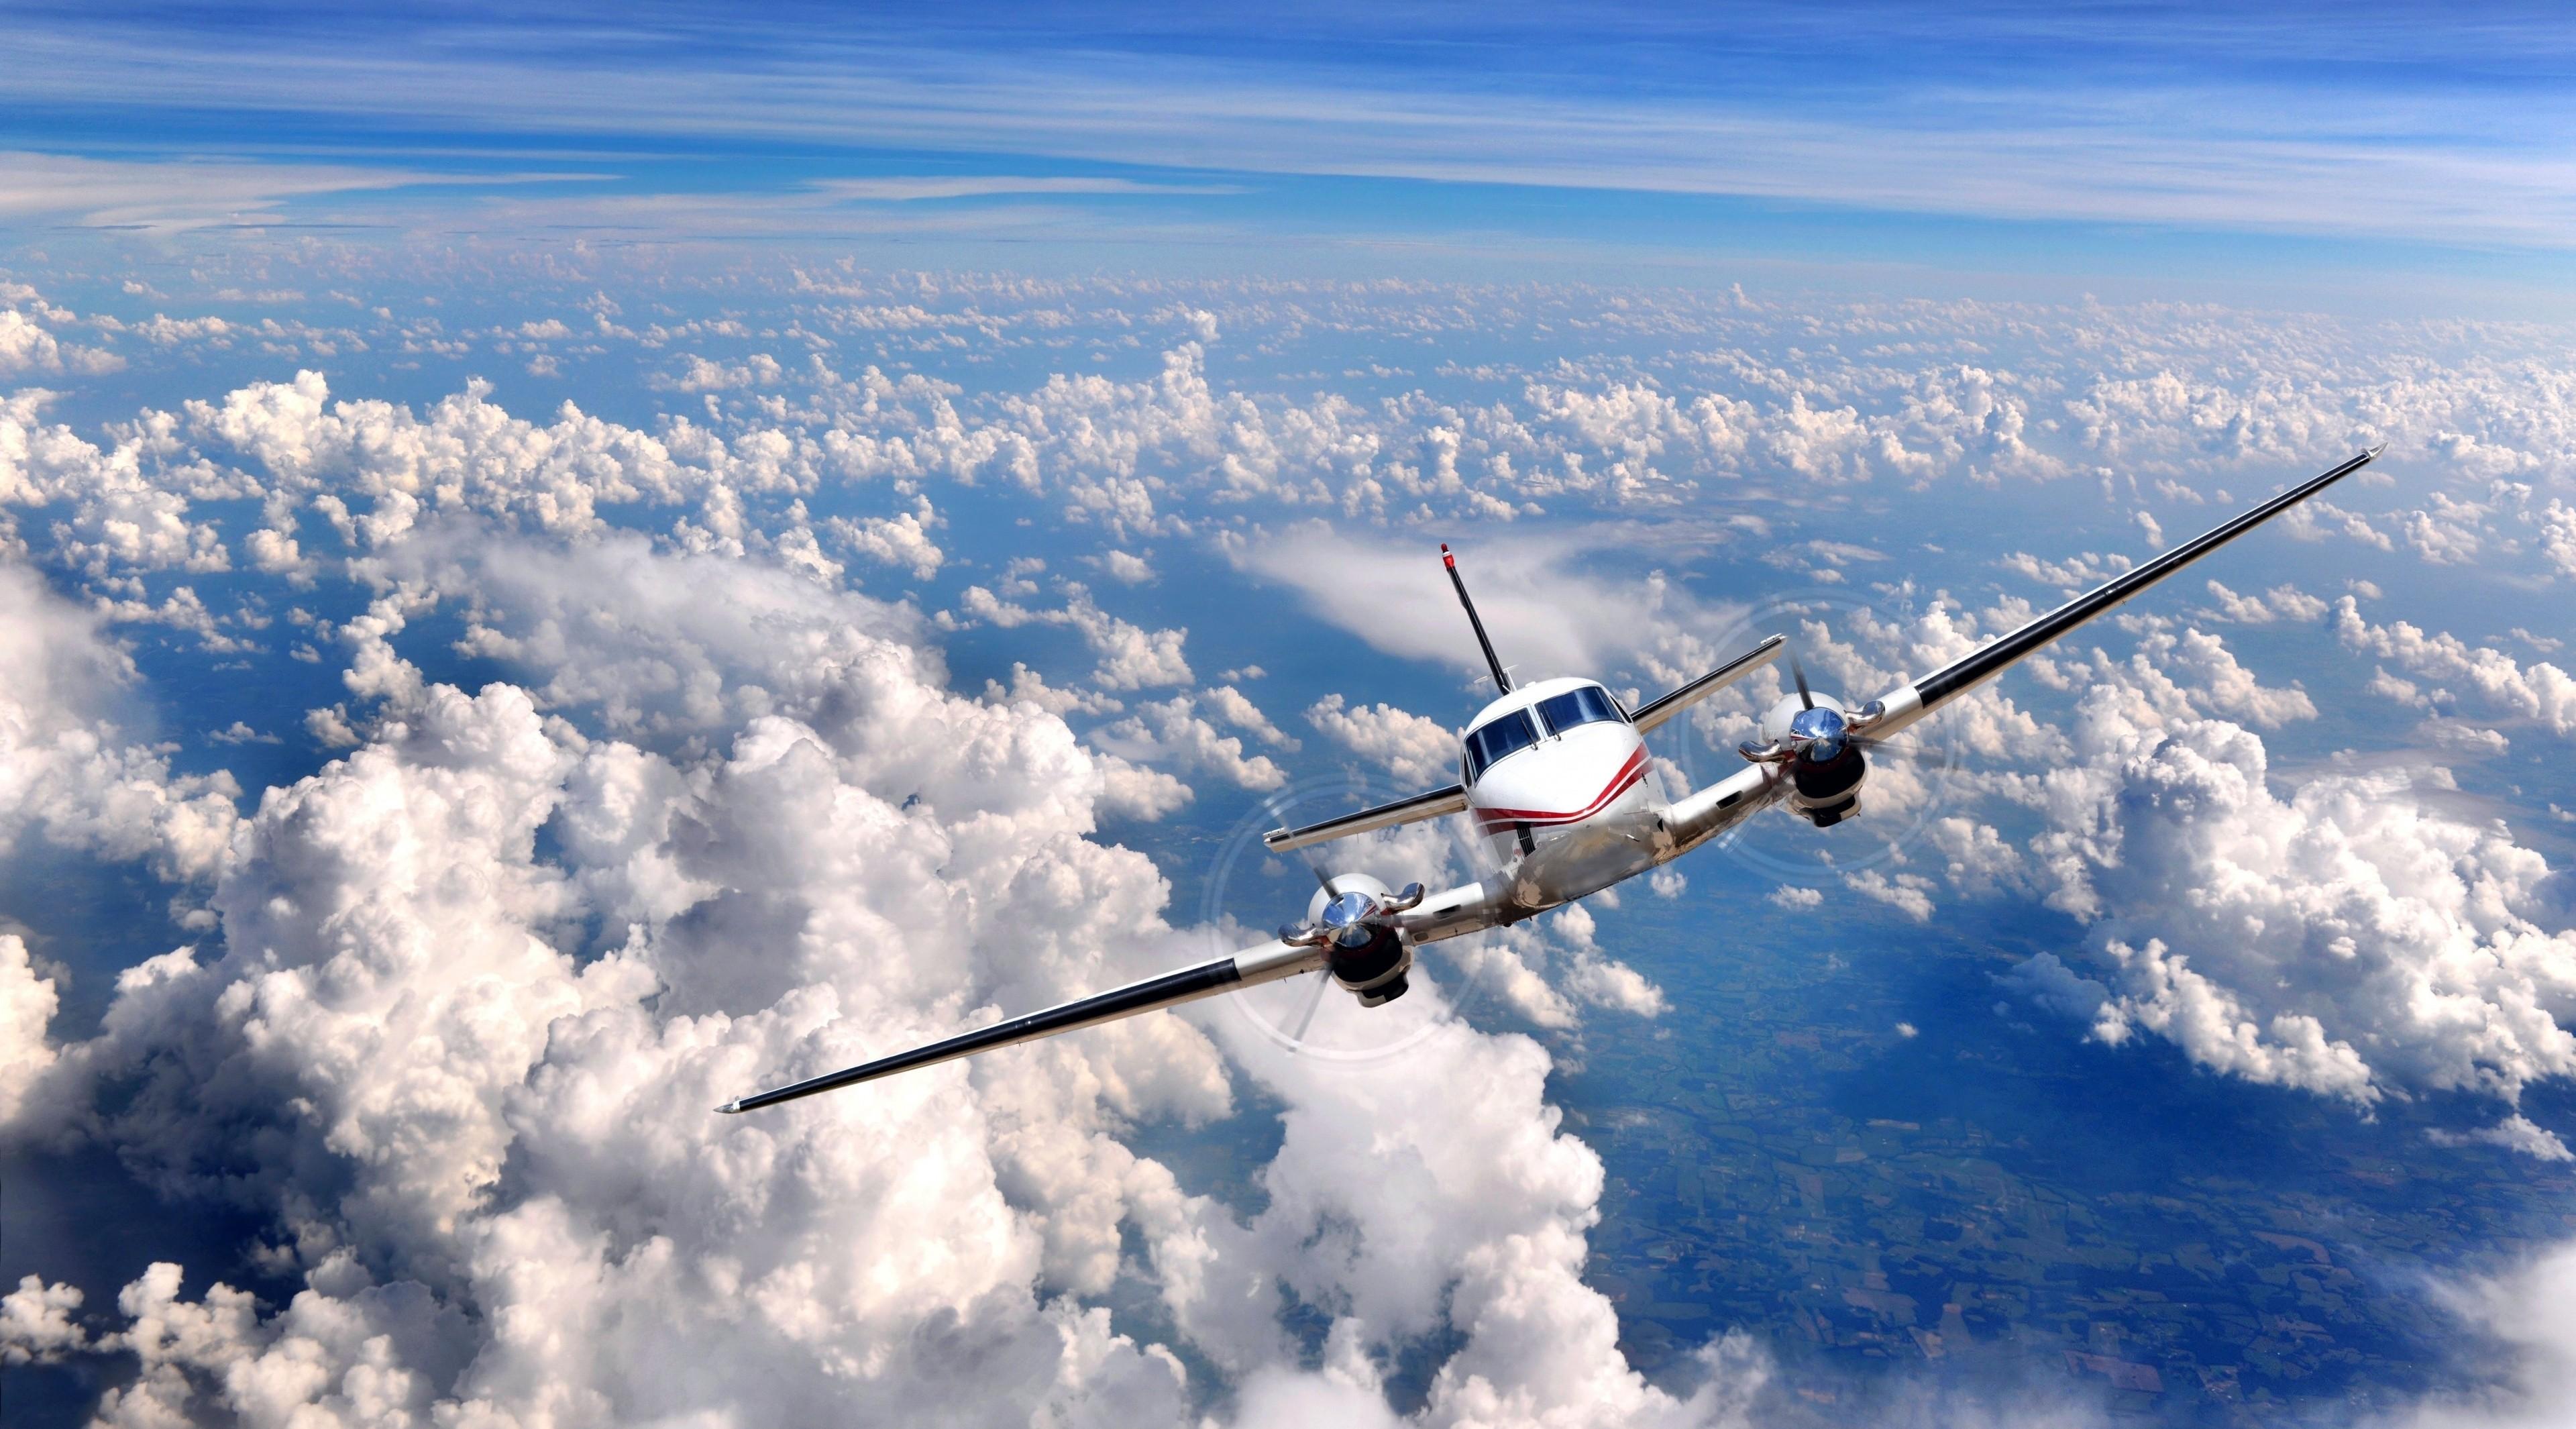 распростёр небо, фото полет самолета в небе счастью, россии